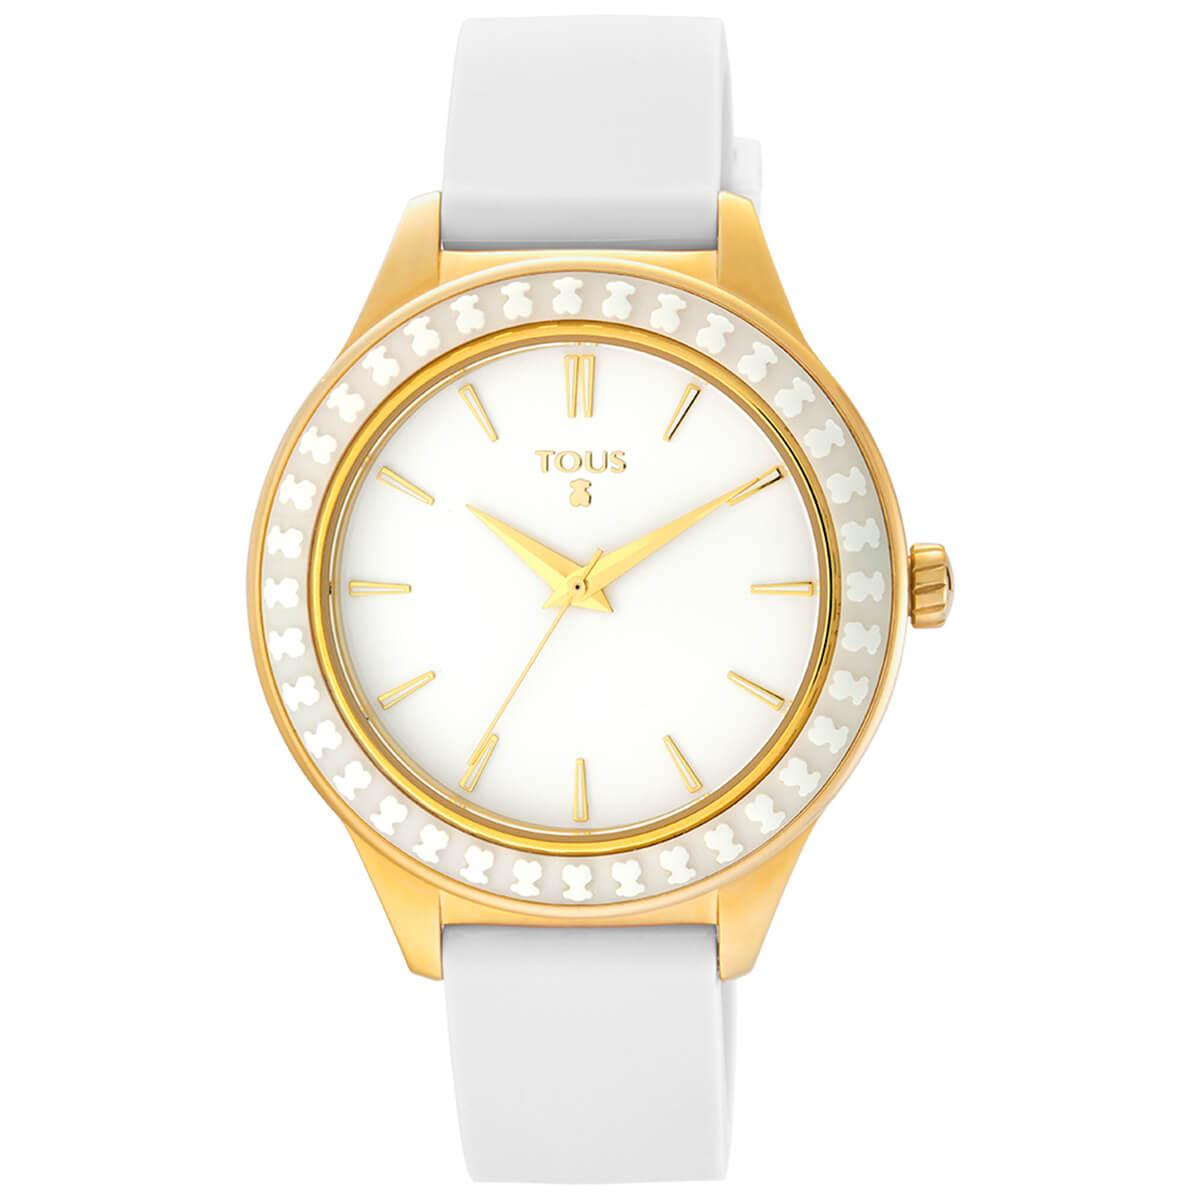 Reloj tous mujer con correa de caucho blanca , caja dorada con bisel ceramico con el oso grabado.